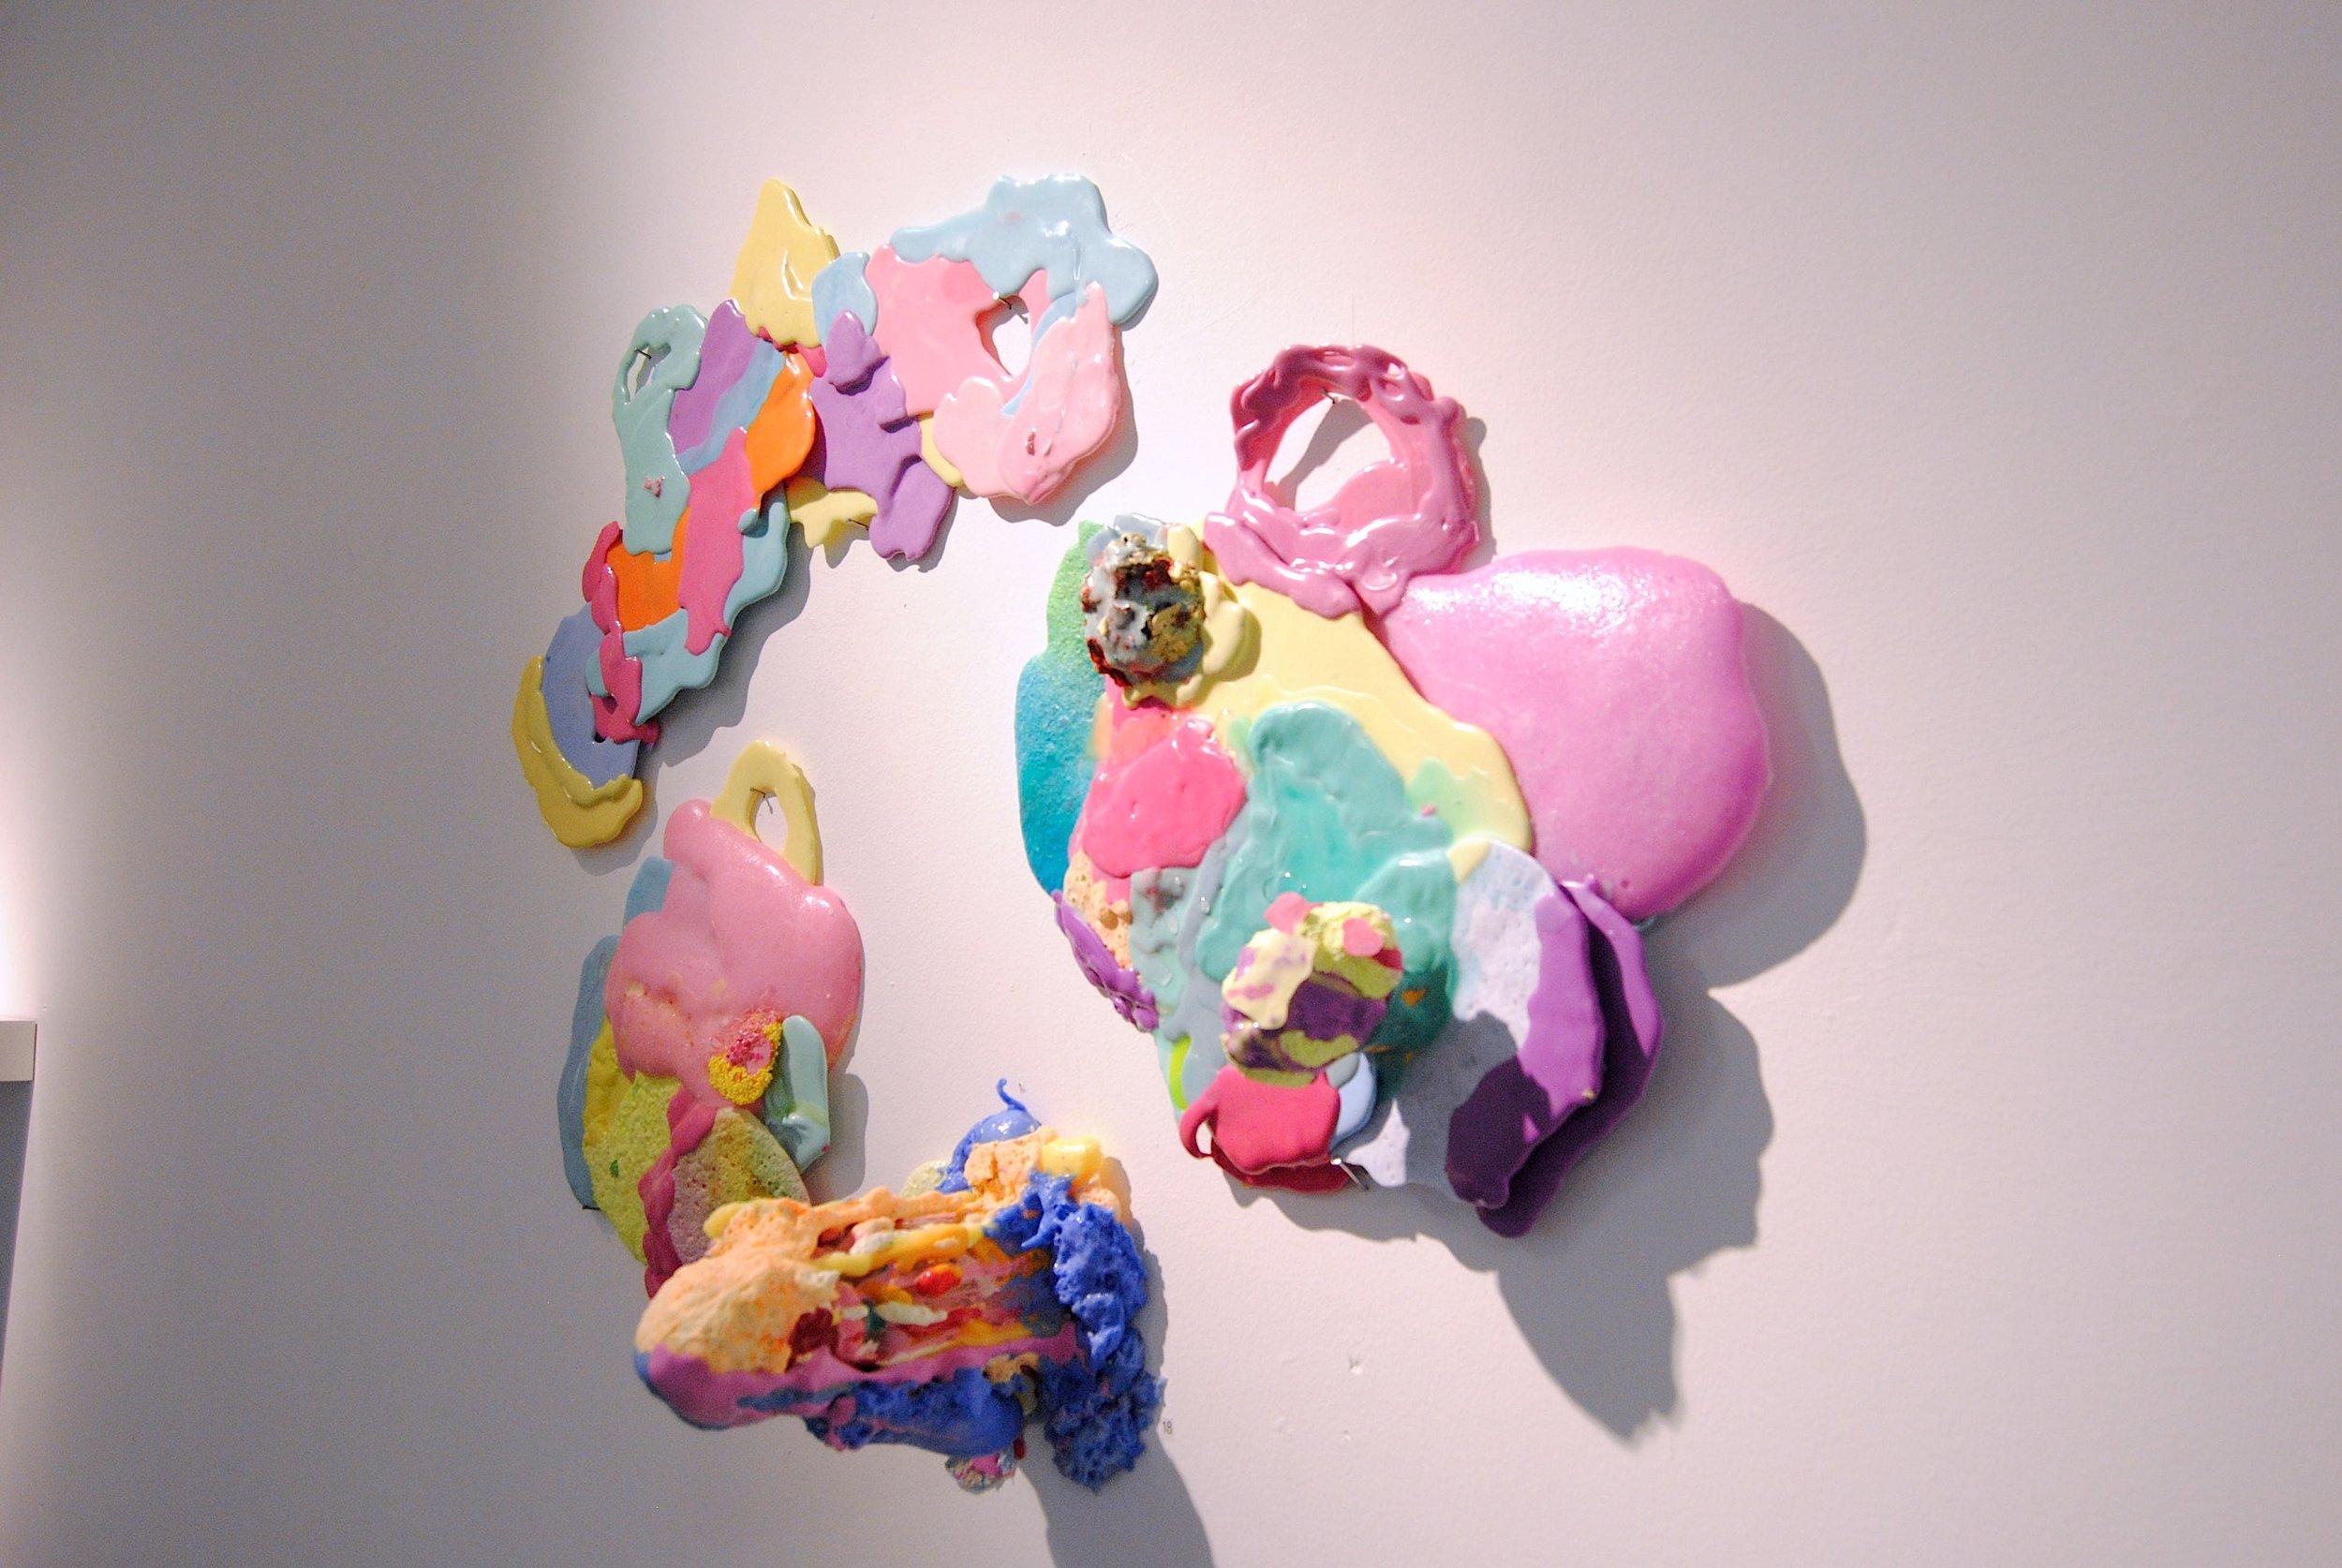 painted sculpture.jpg